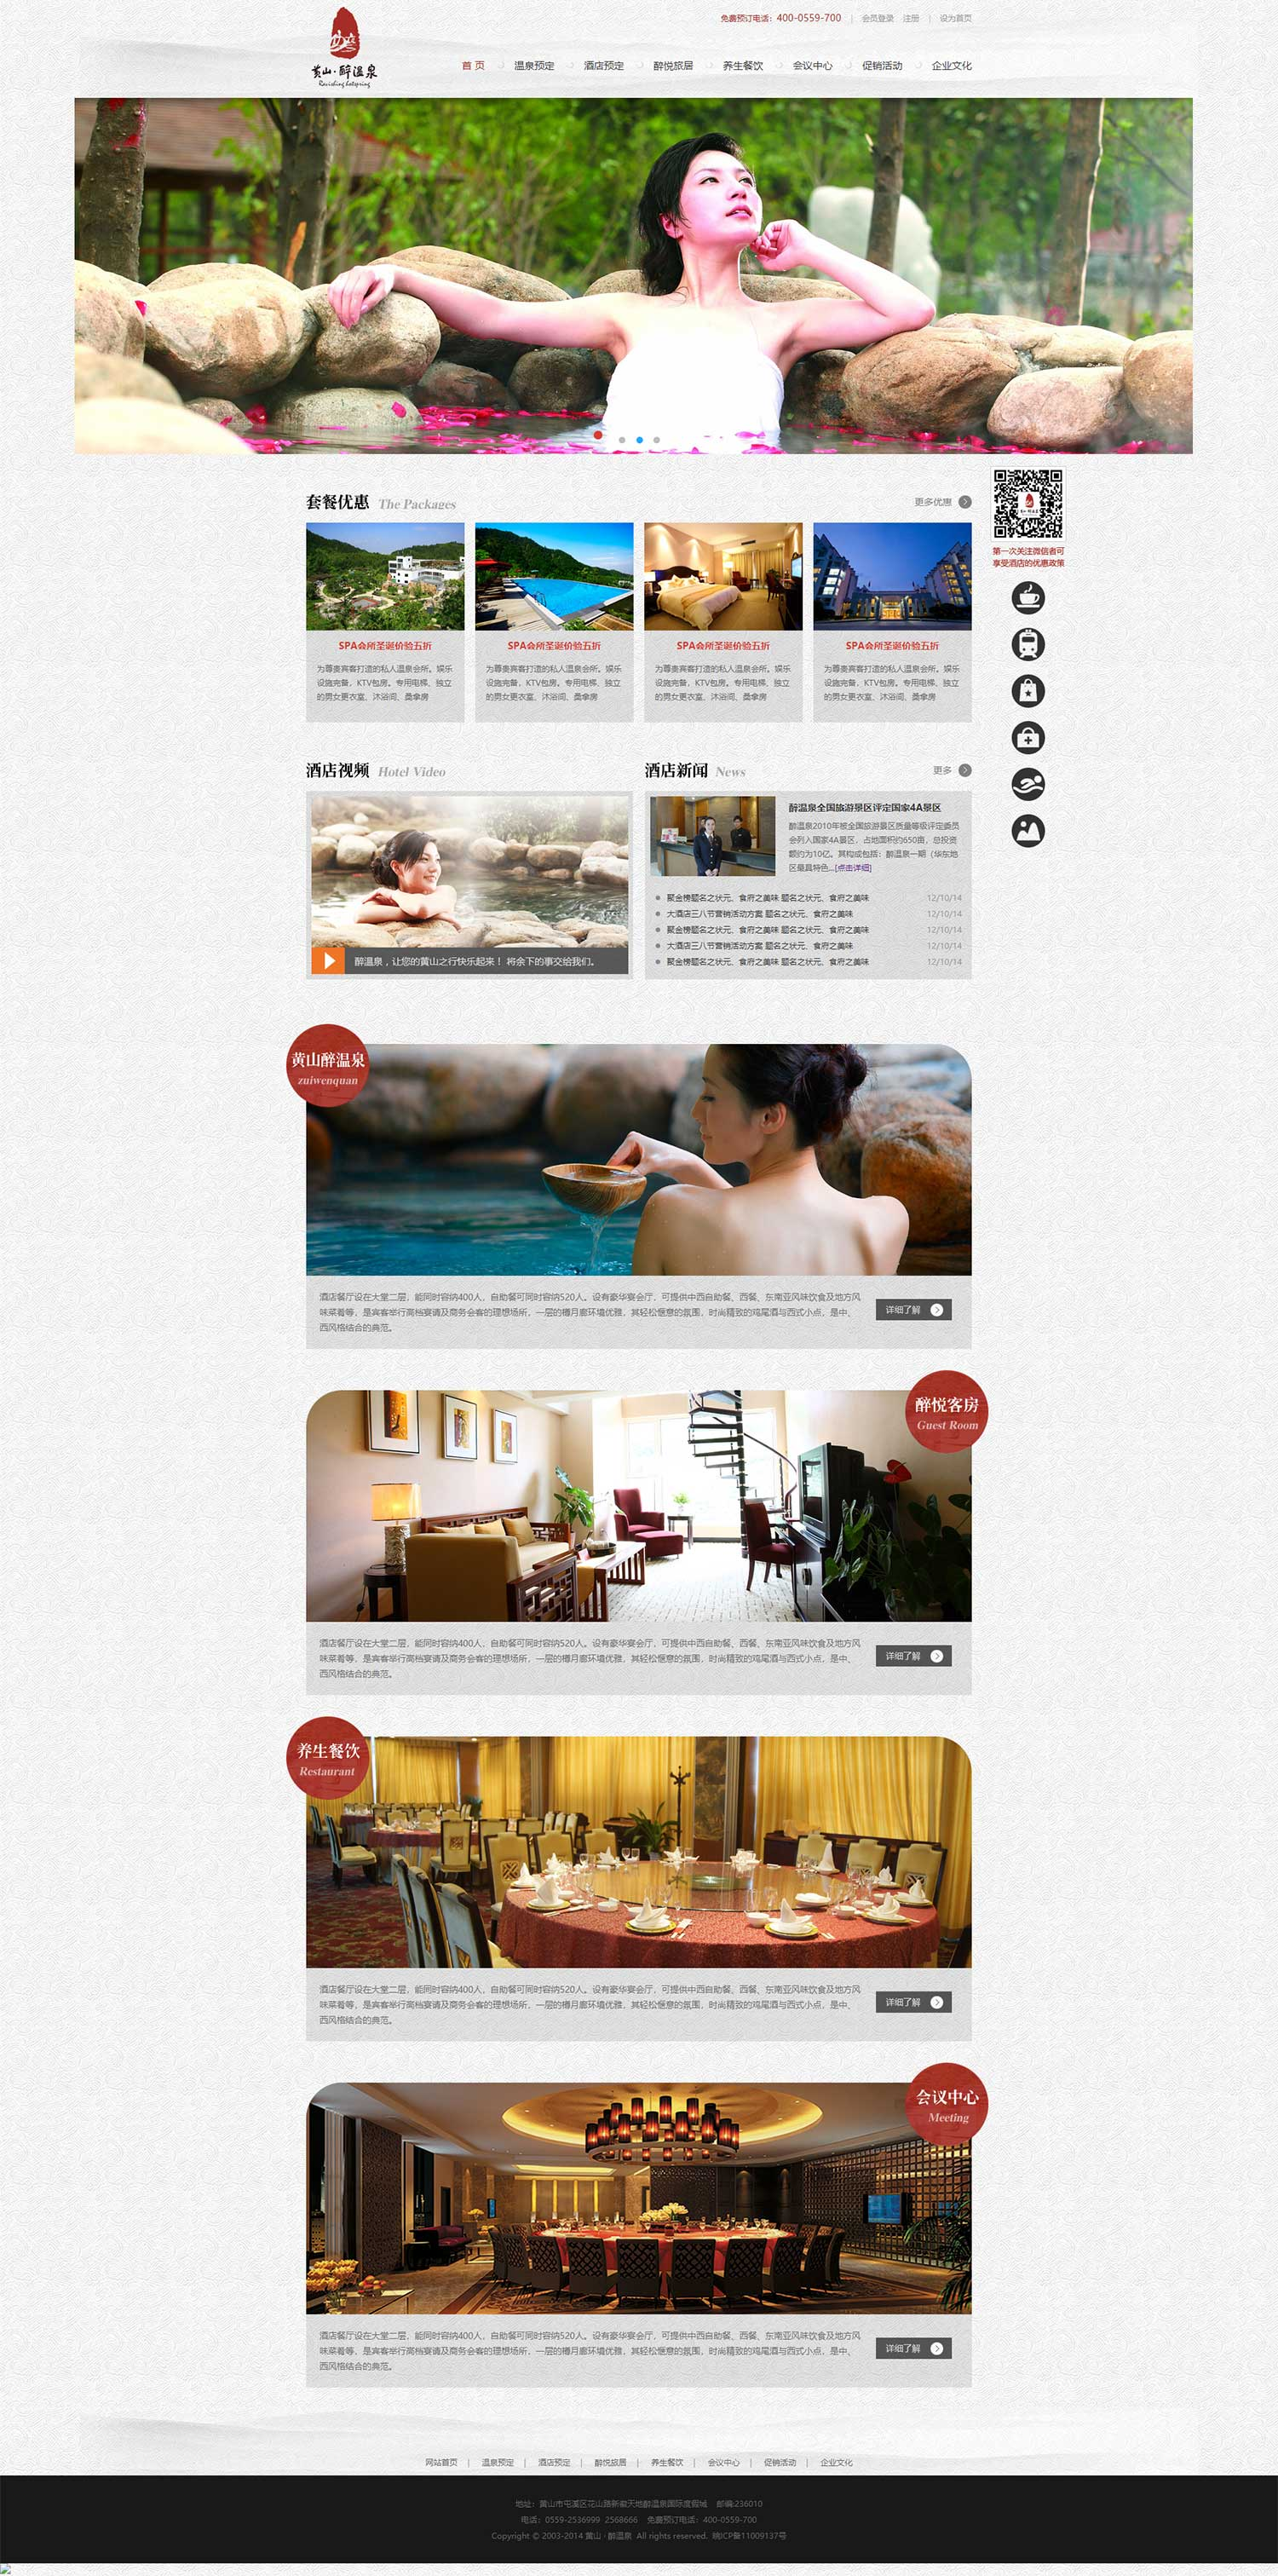 中国风的温泉度假酒店预订网站全套html模板